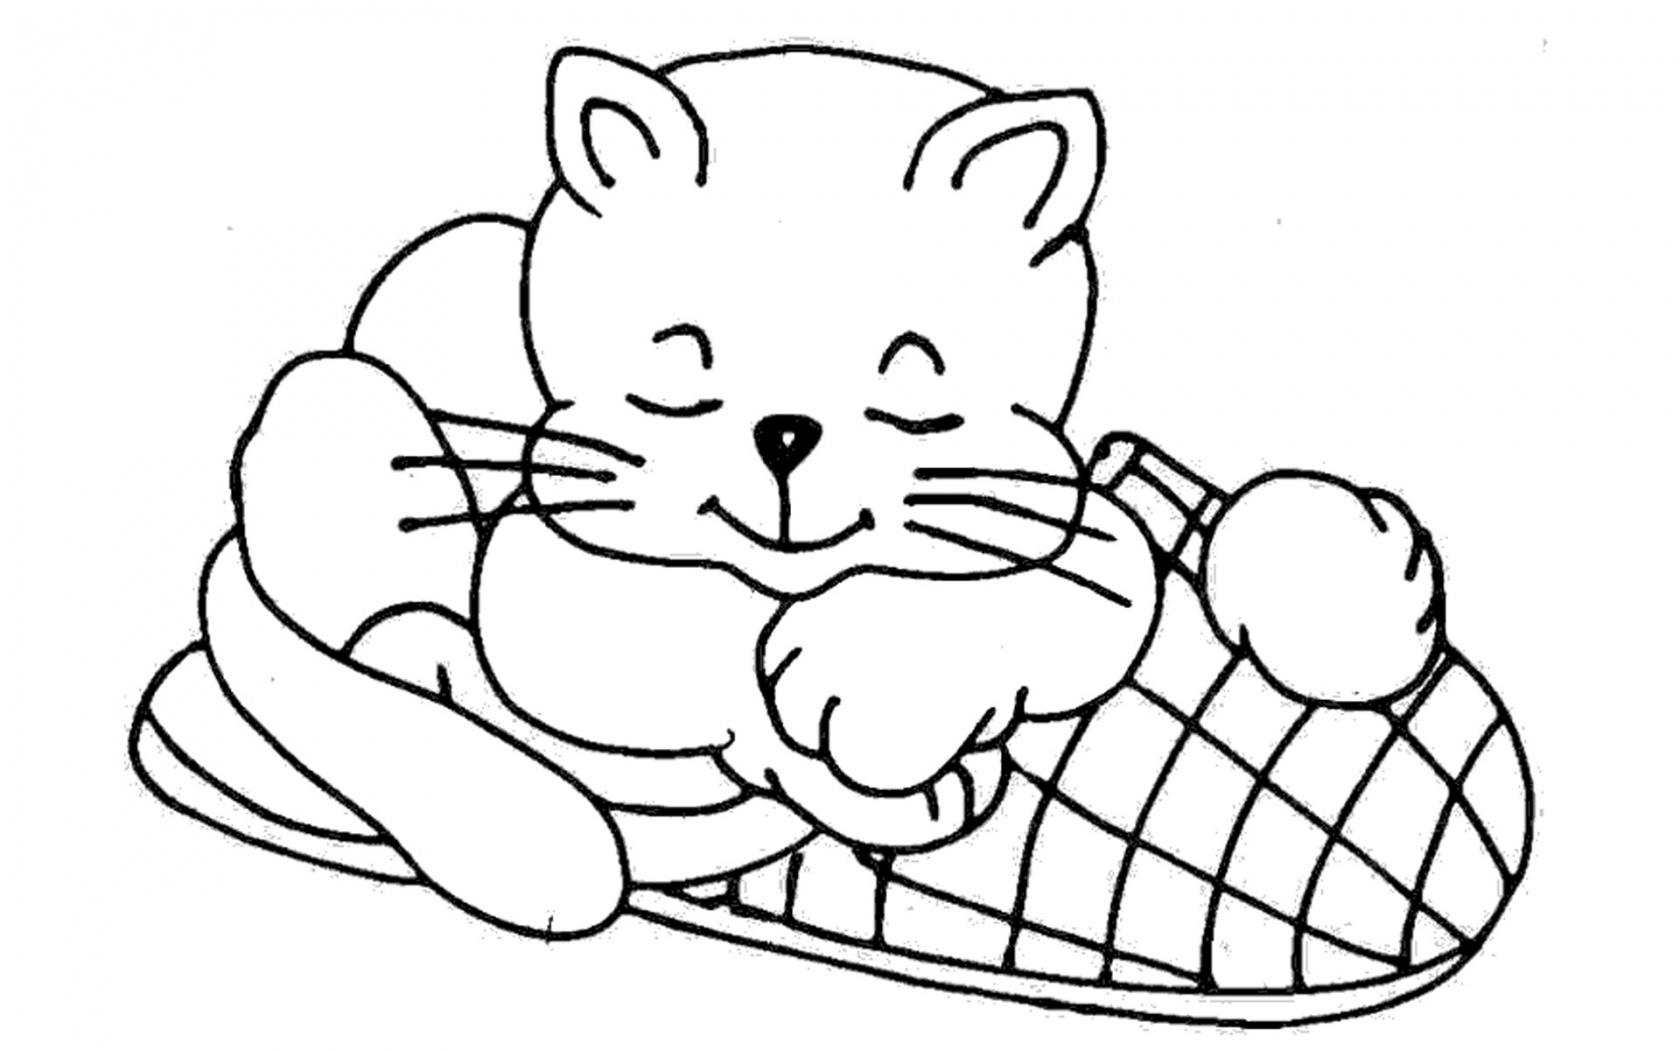 Imagenes Dibujos Mandalas De Gatos Para Colorear